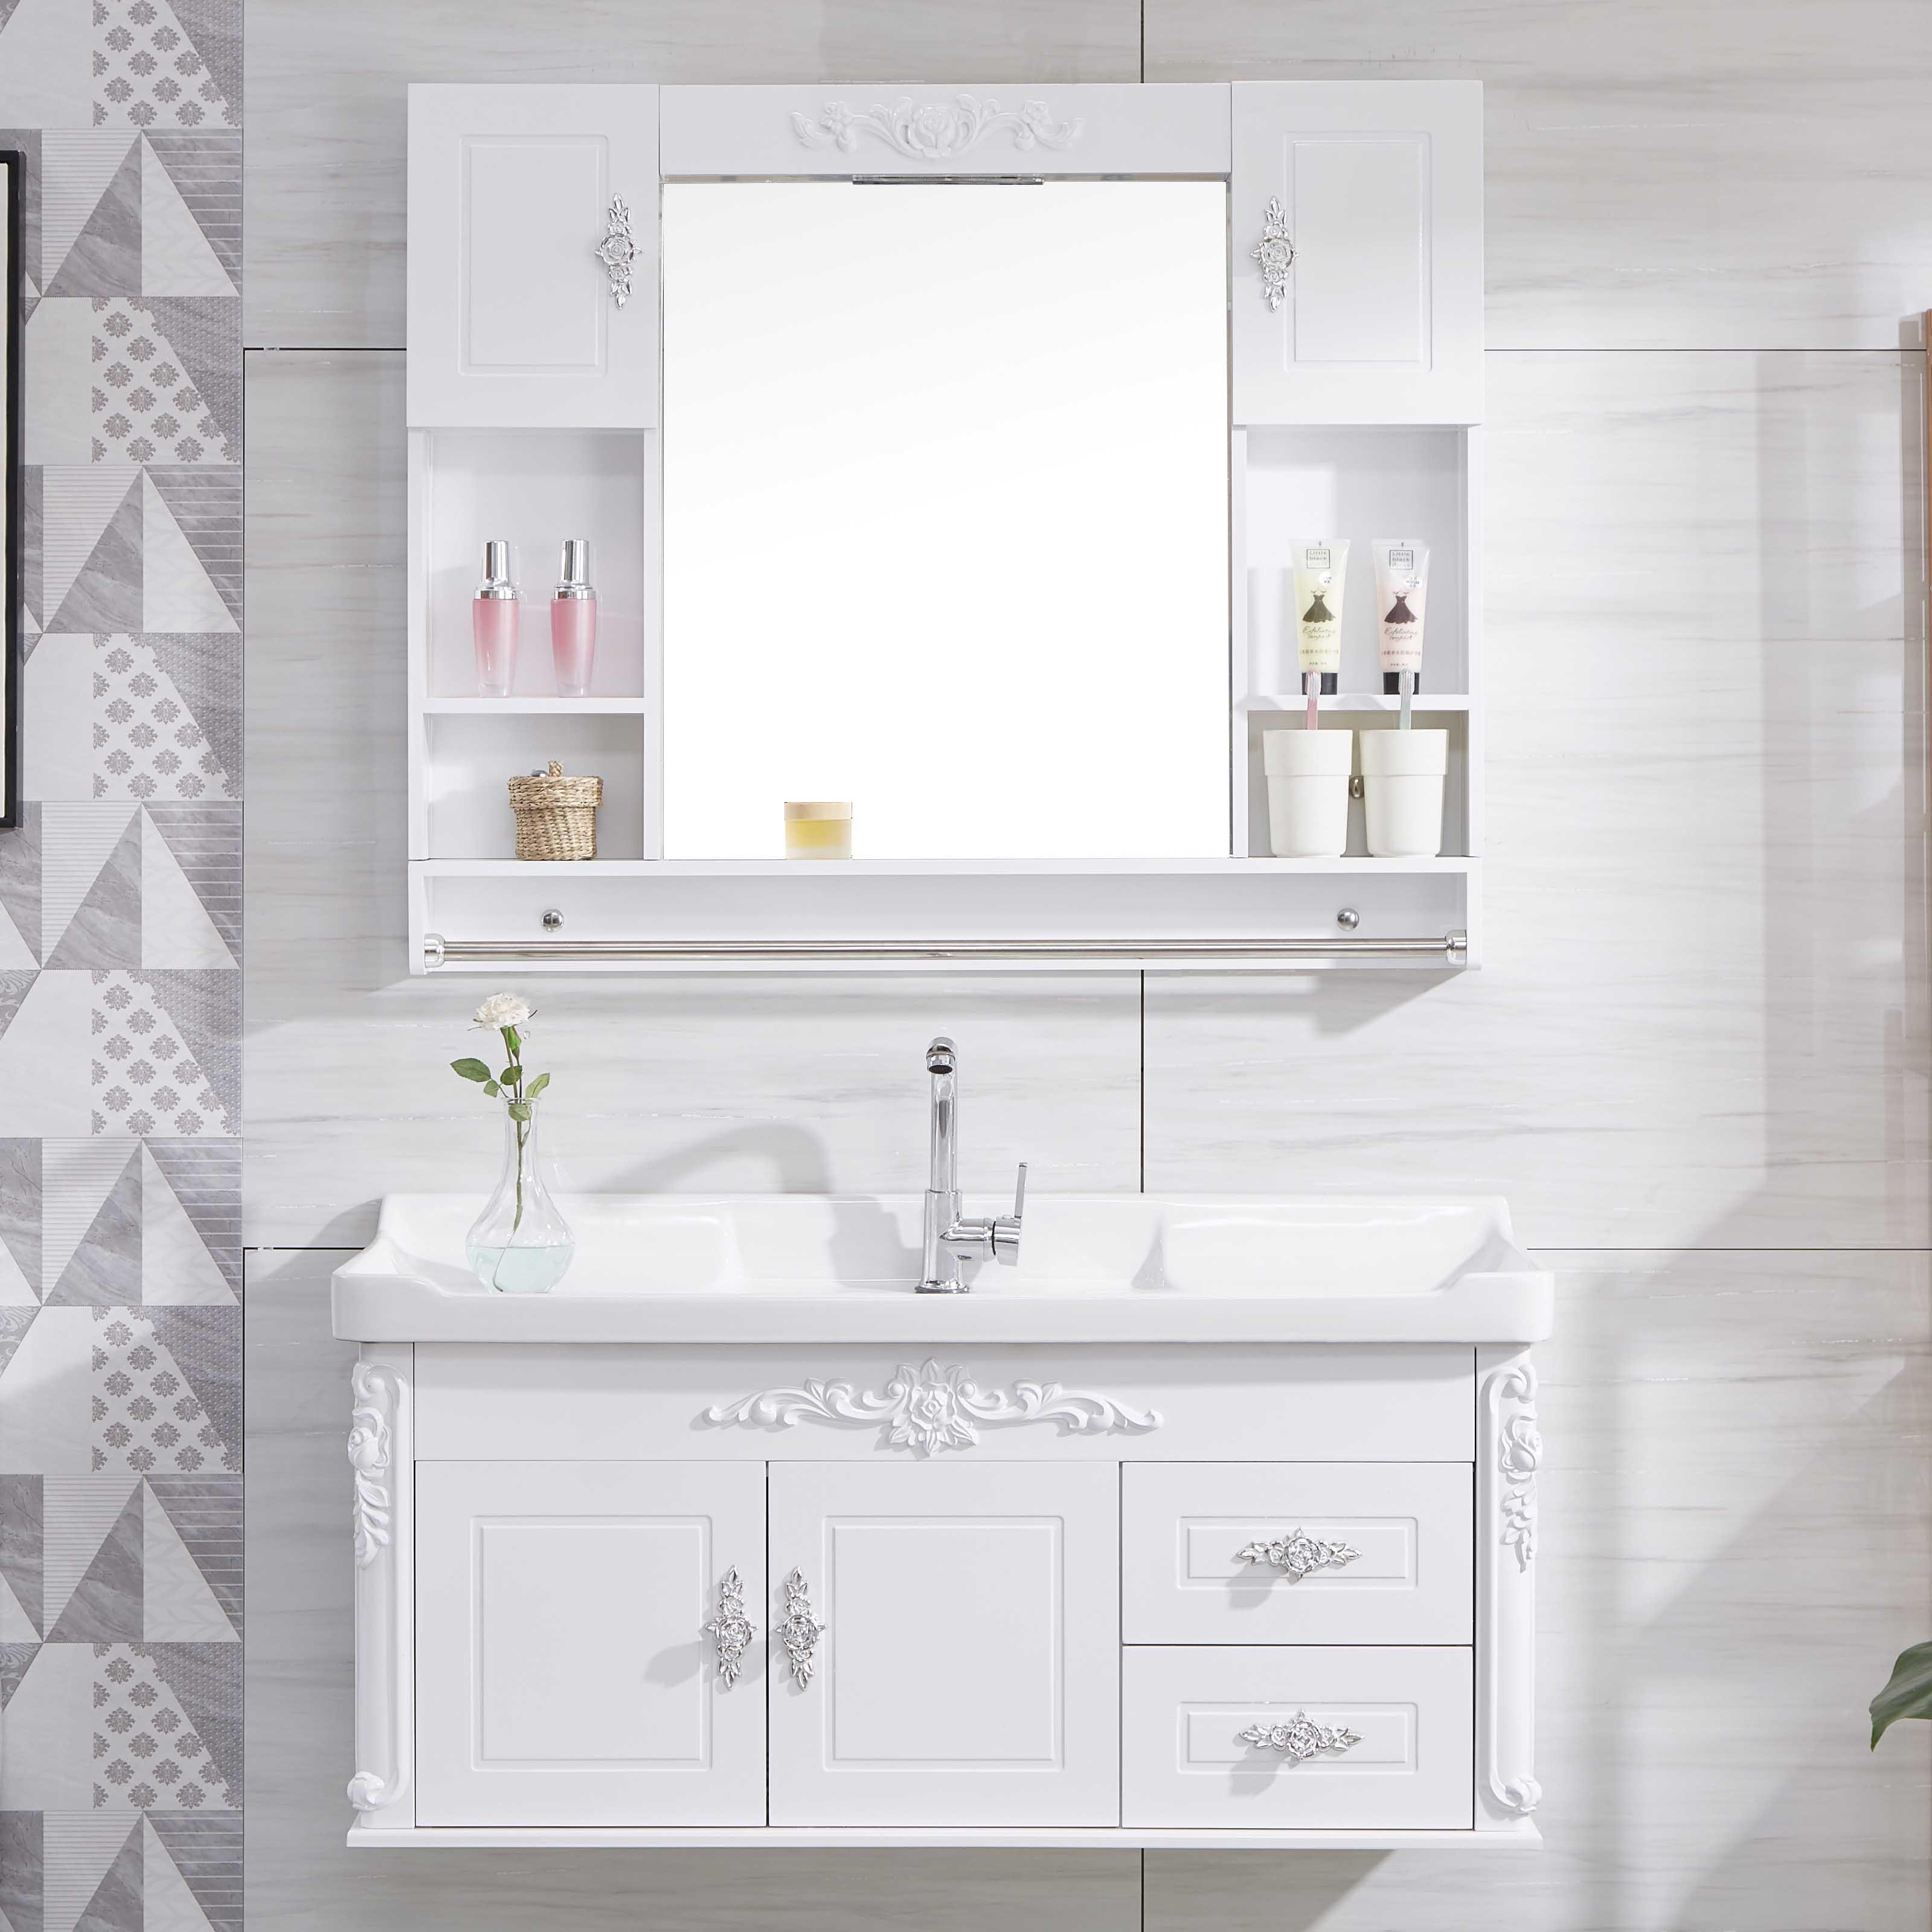 简约PVC洗脸盆柜欧式浴室柜 卫生间洗漱台洗手盆小户型浴室柜镜柜